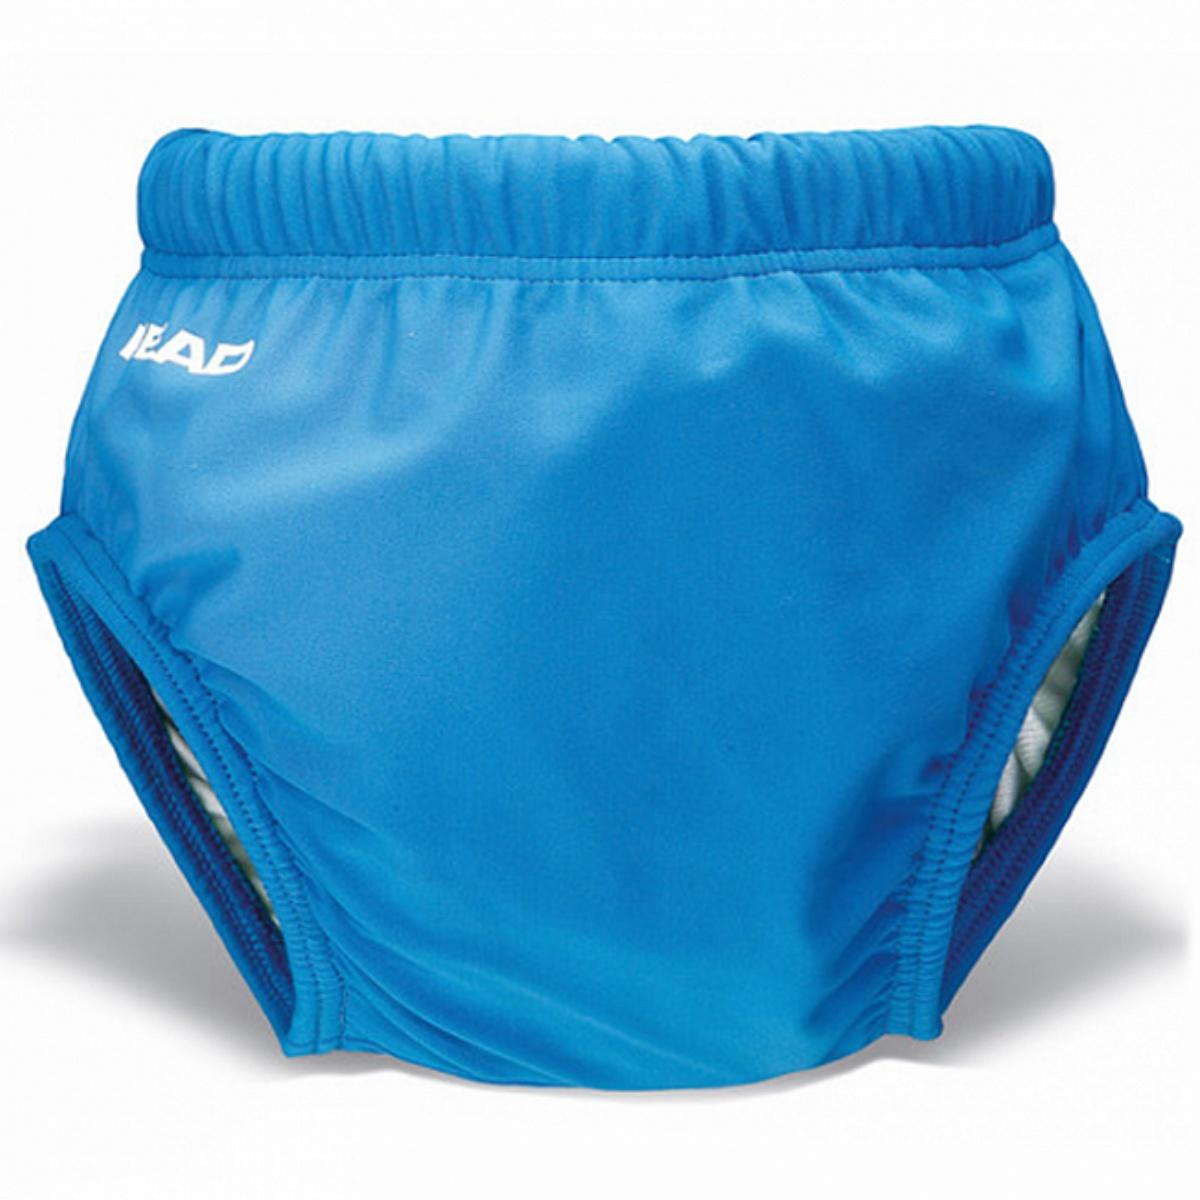 Detské plavky Head AQUA NAPPY modré